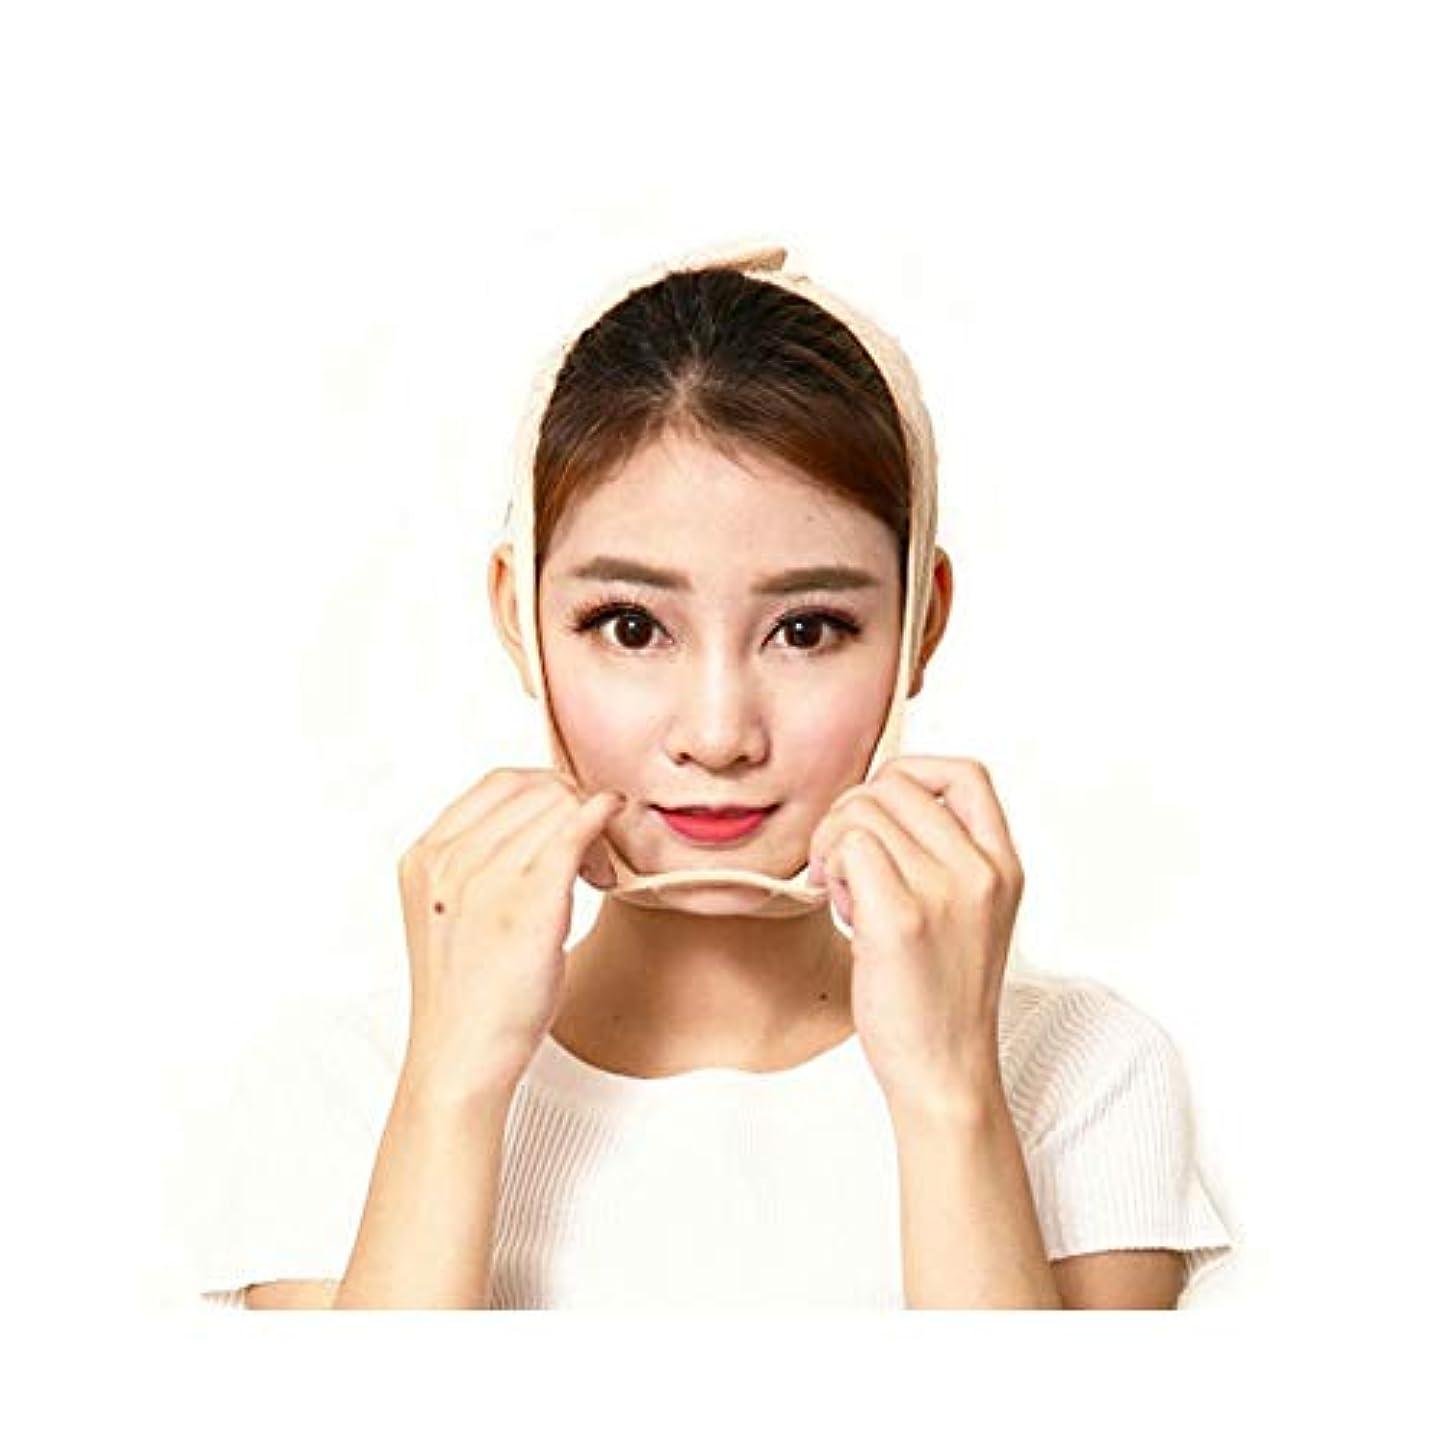 接続定数残高GLJJQMY ファーミングマスクシンフェイスアーティファクト包帯美容ヘッドバンドファーミングマスクダブルチンLスモールVフェイスマッサージフェイスリフティングフェイシャルケア 顔用整形マスク